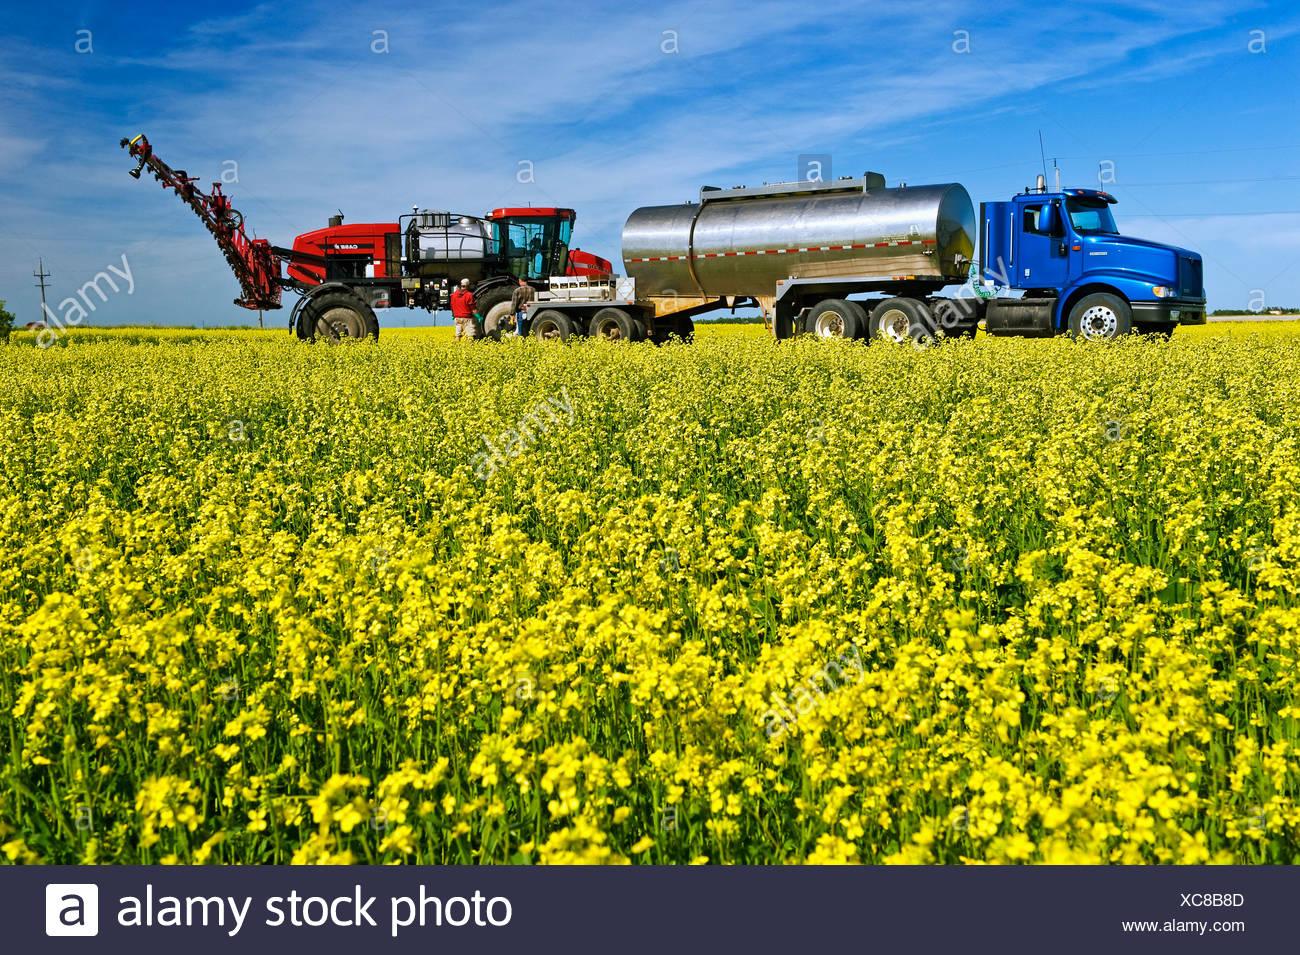 Un agricoltore carichi il suo gioco alto irroratrice con azione fungicida e acqua a spruzzo una fioritura di raccolto di canola per Sclerotinia / Canada. Immagini Stock